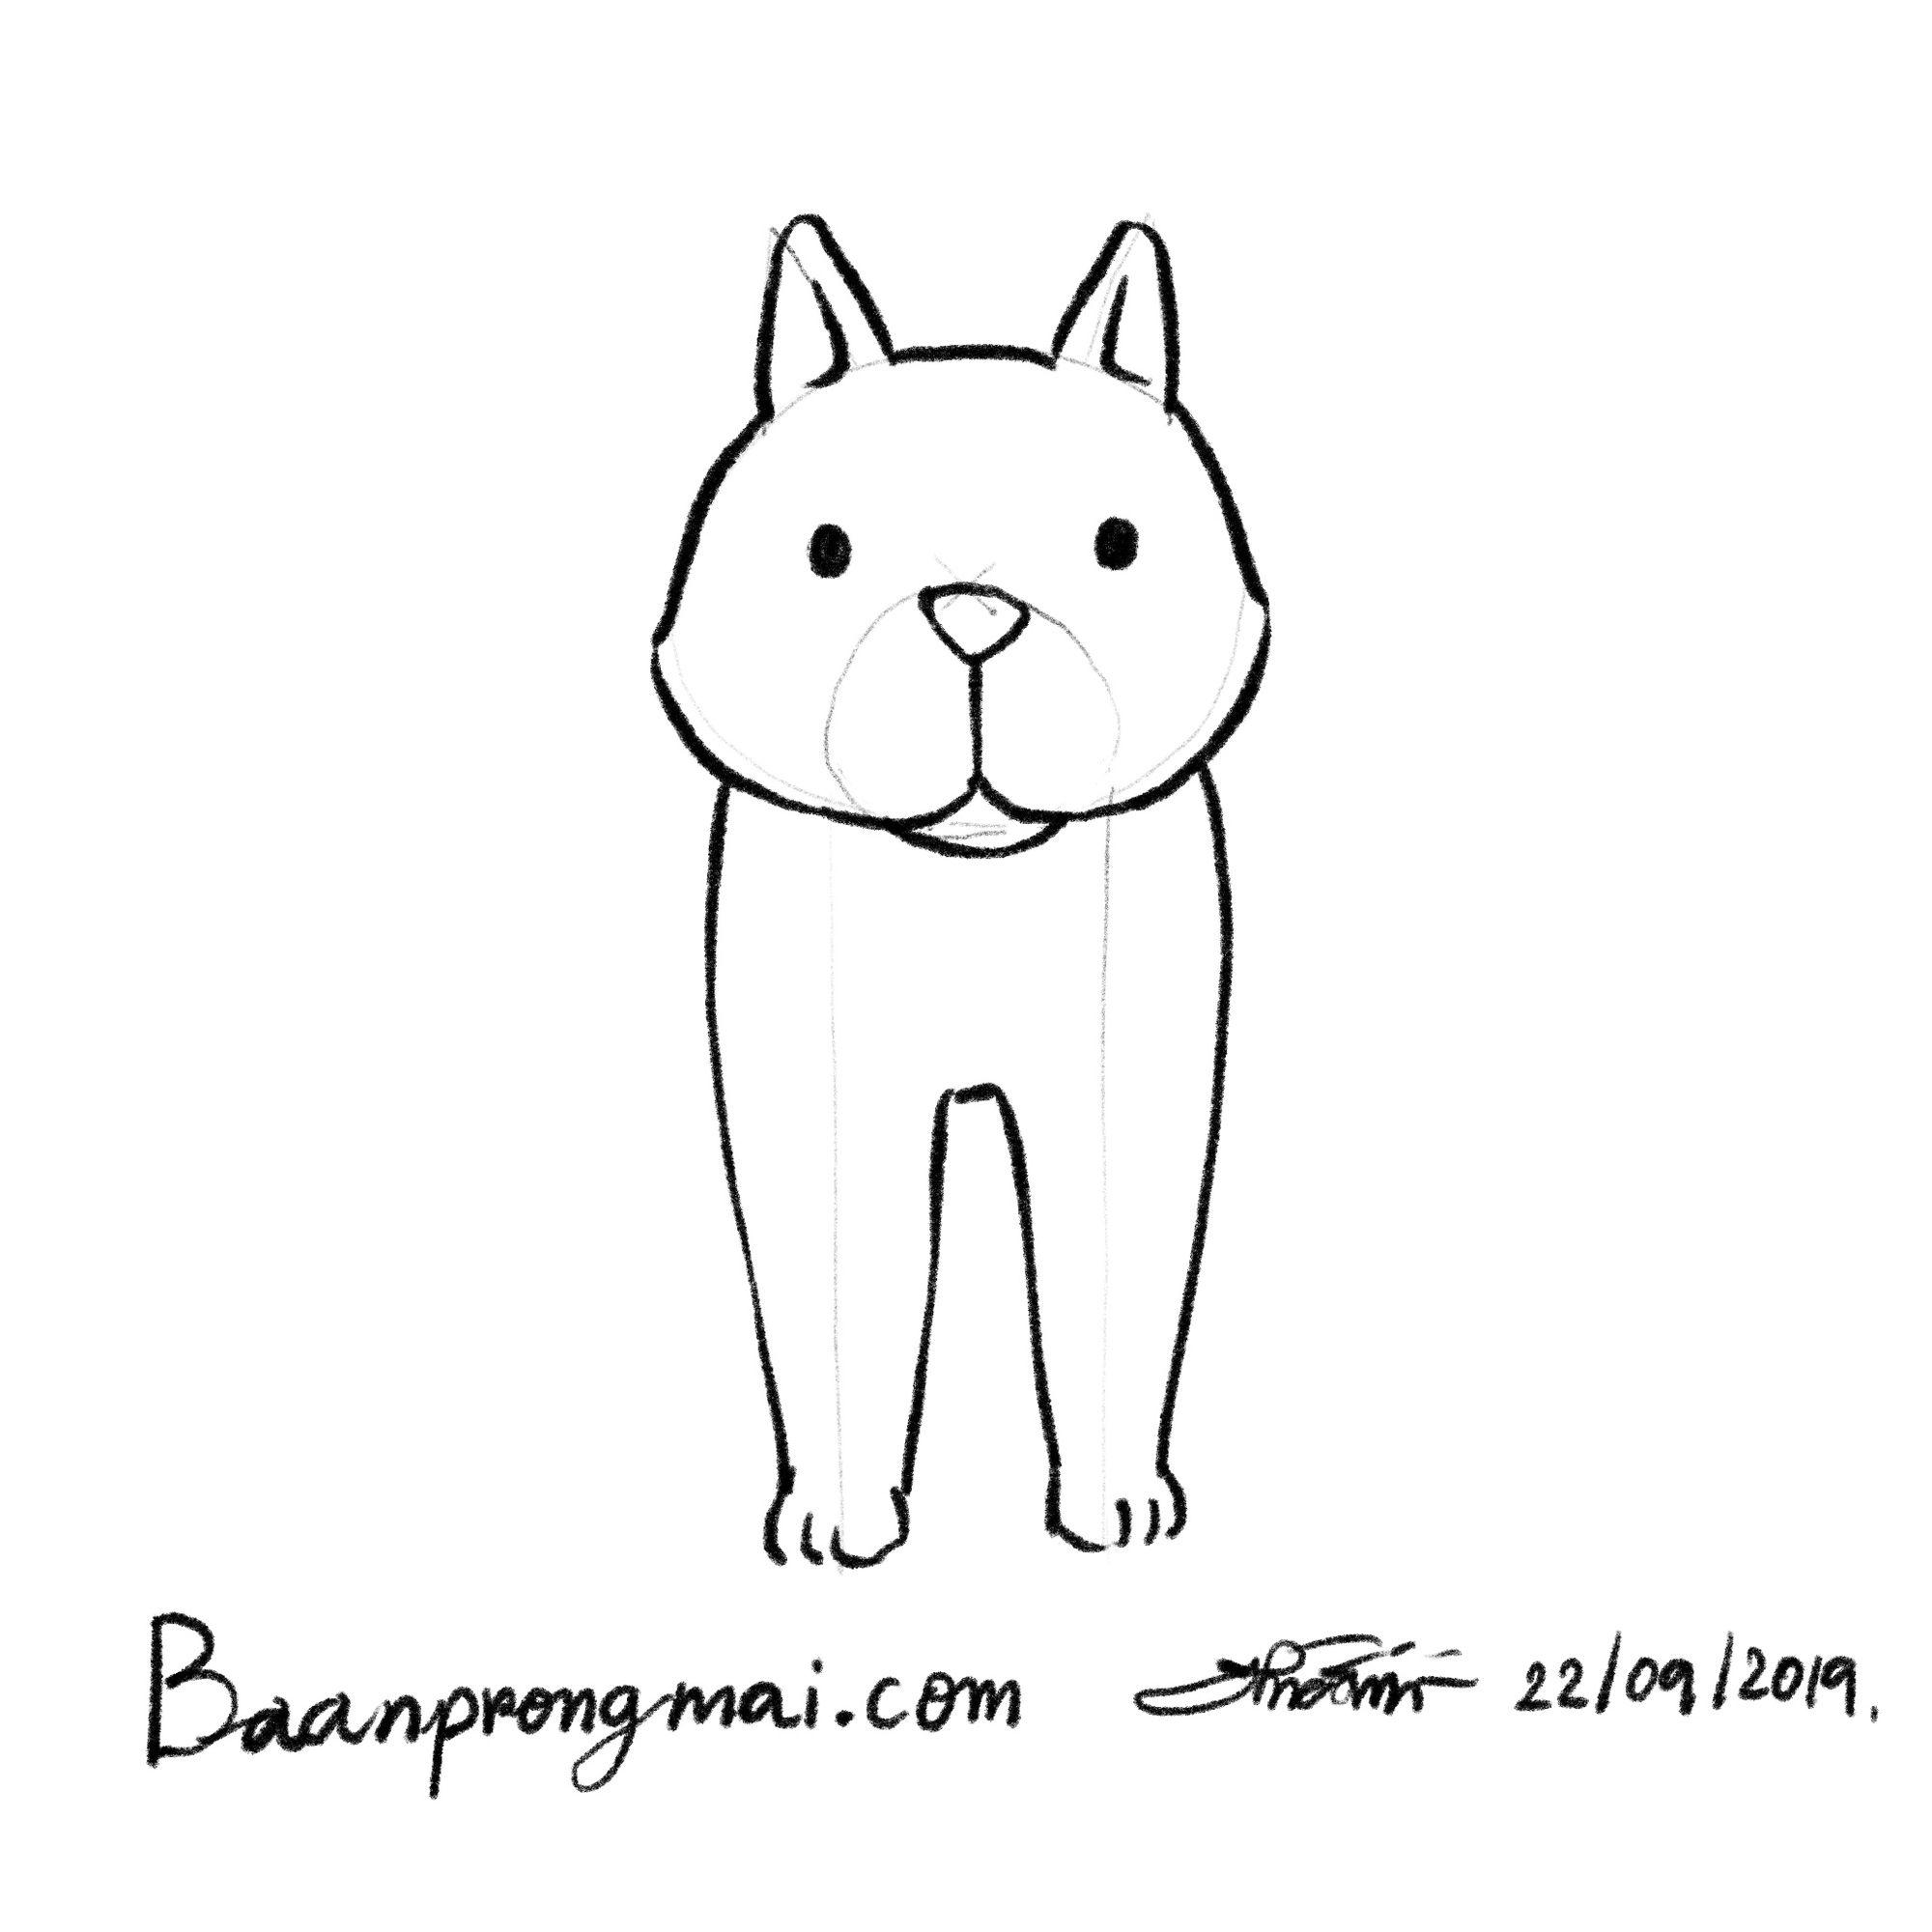 ภาพวาดหมาด านหน า In Front Of Dog วาด วาดร ป วาดการ ต น ฝ กวาด ฝ กวาดร ป ฝ กวาดการ ต น Draw Drawing Sketching Sketch How To Draw Draw Cartoon H